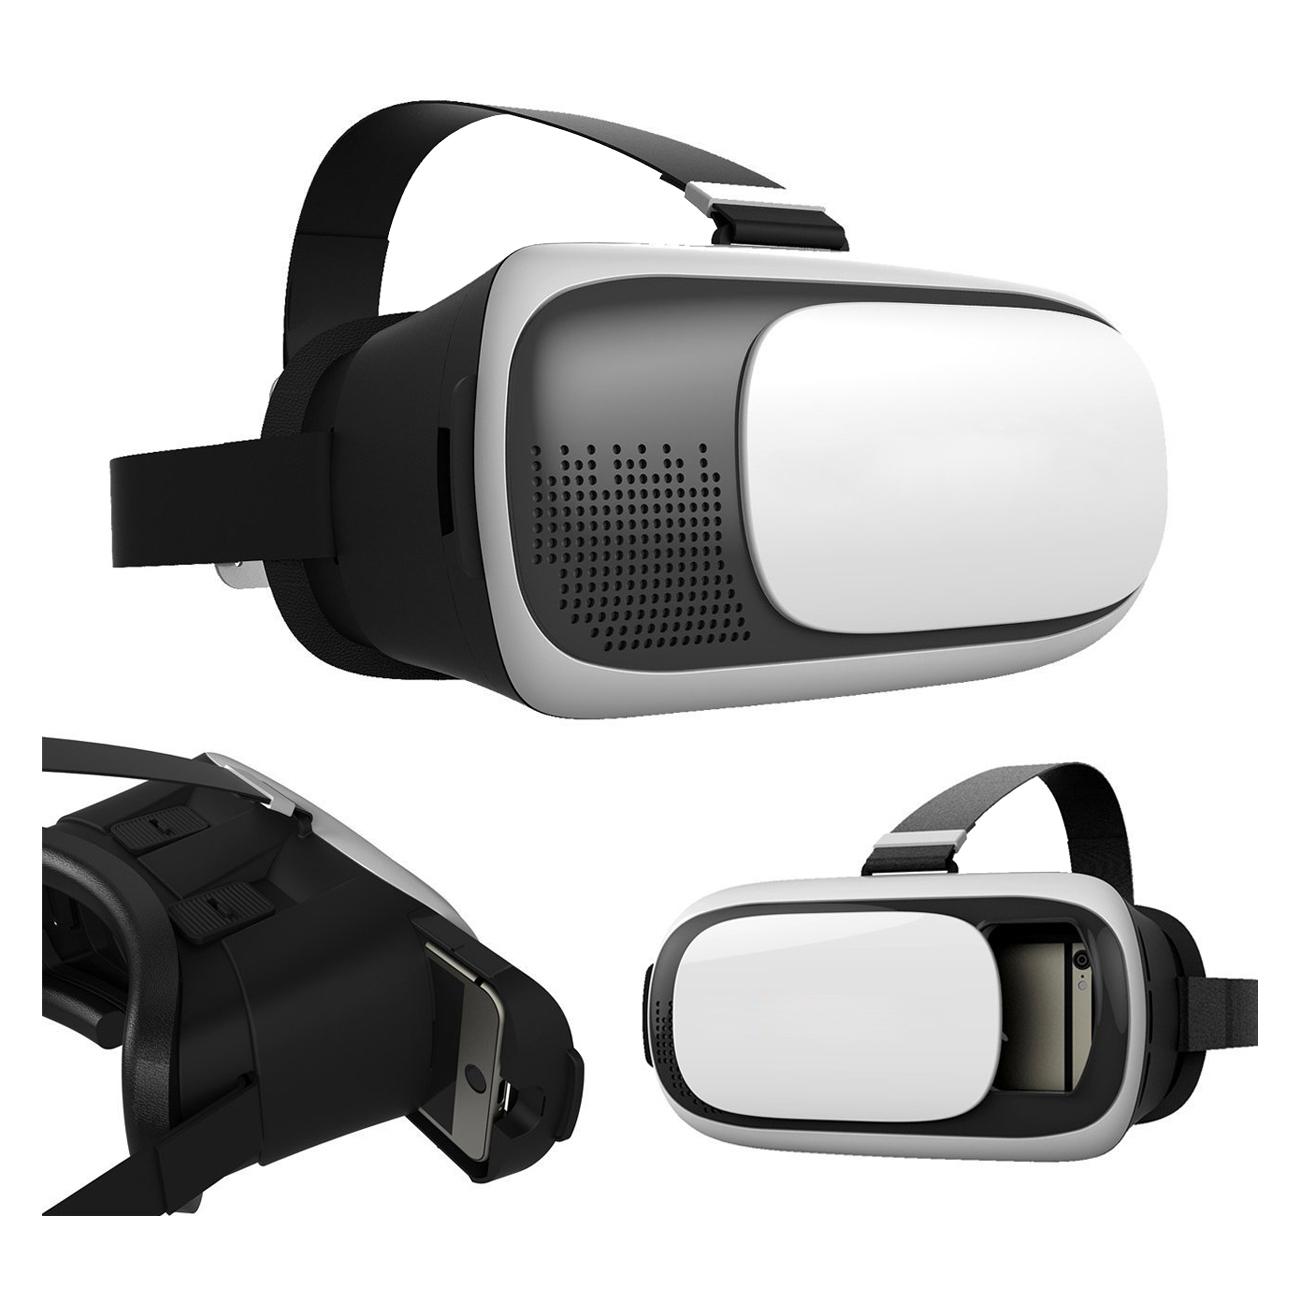 5x 1s2 vrbox 2 upgrade kopfmontage virtuelle realitaet 3d video brille fuer fa ebay. Black Bedroom Furniture Sets. Home Design Ideas